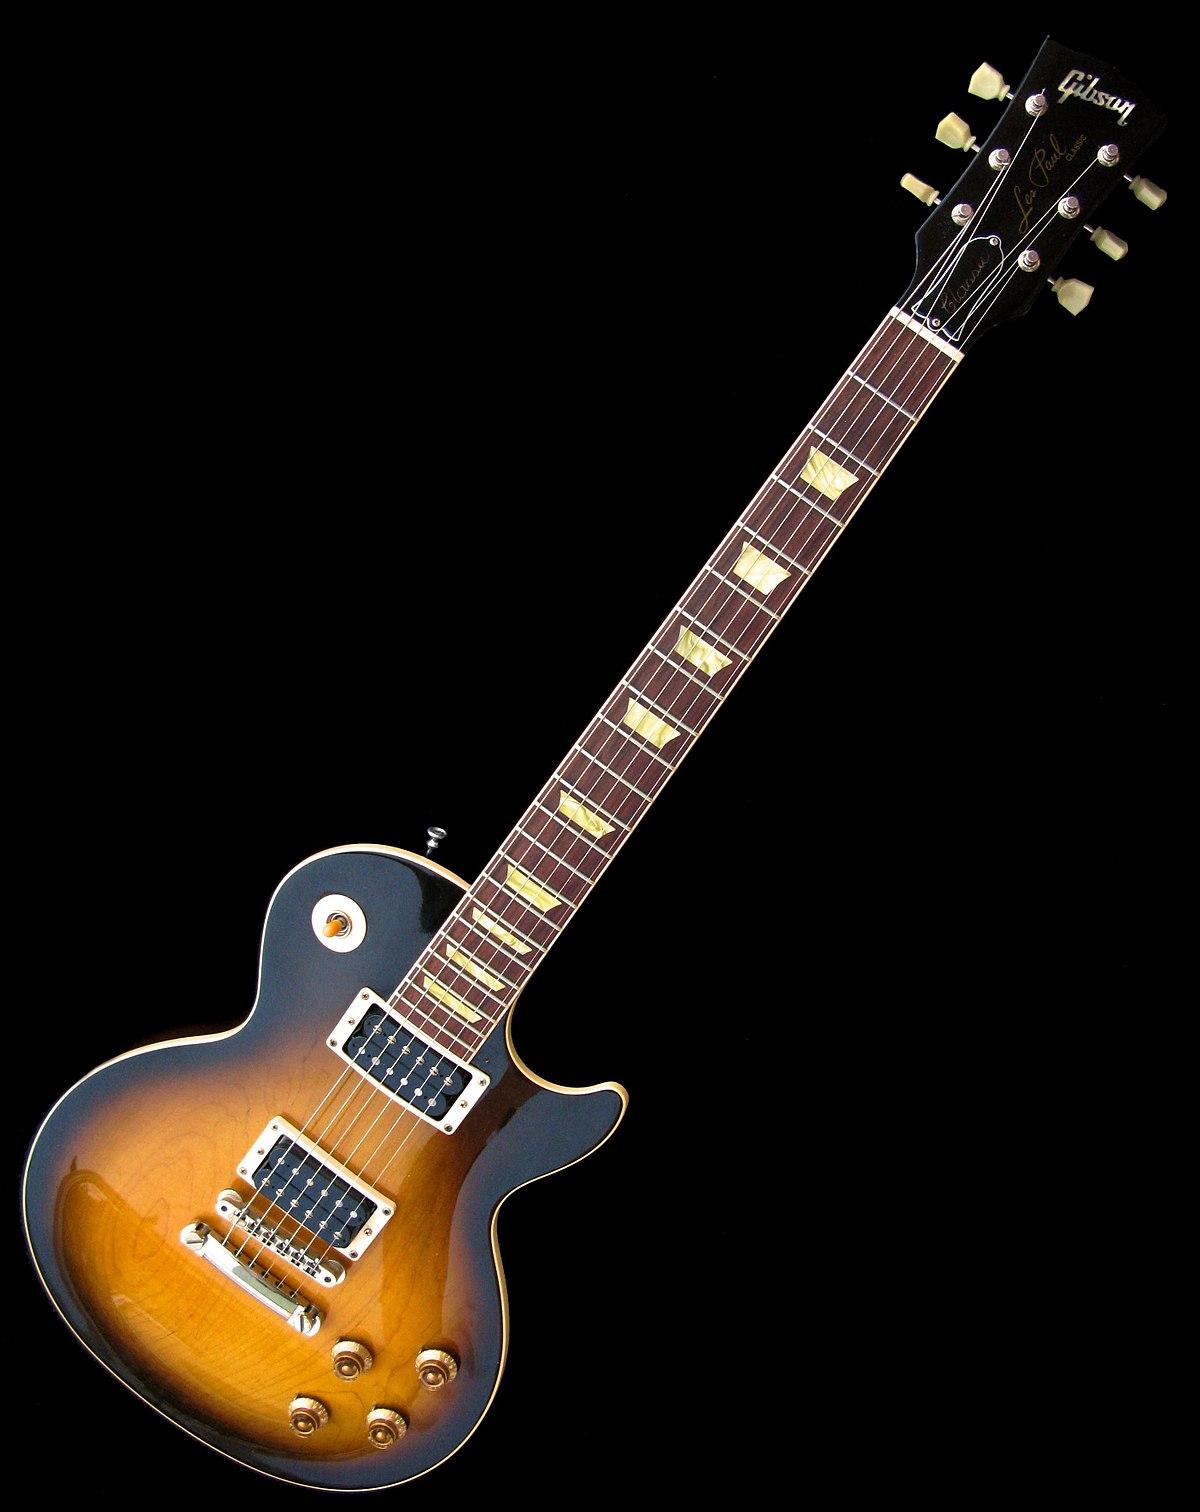 Gibson Les Paul - Wikipedia, la enciclopedia libre